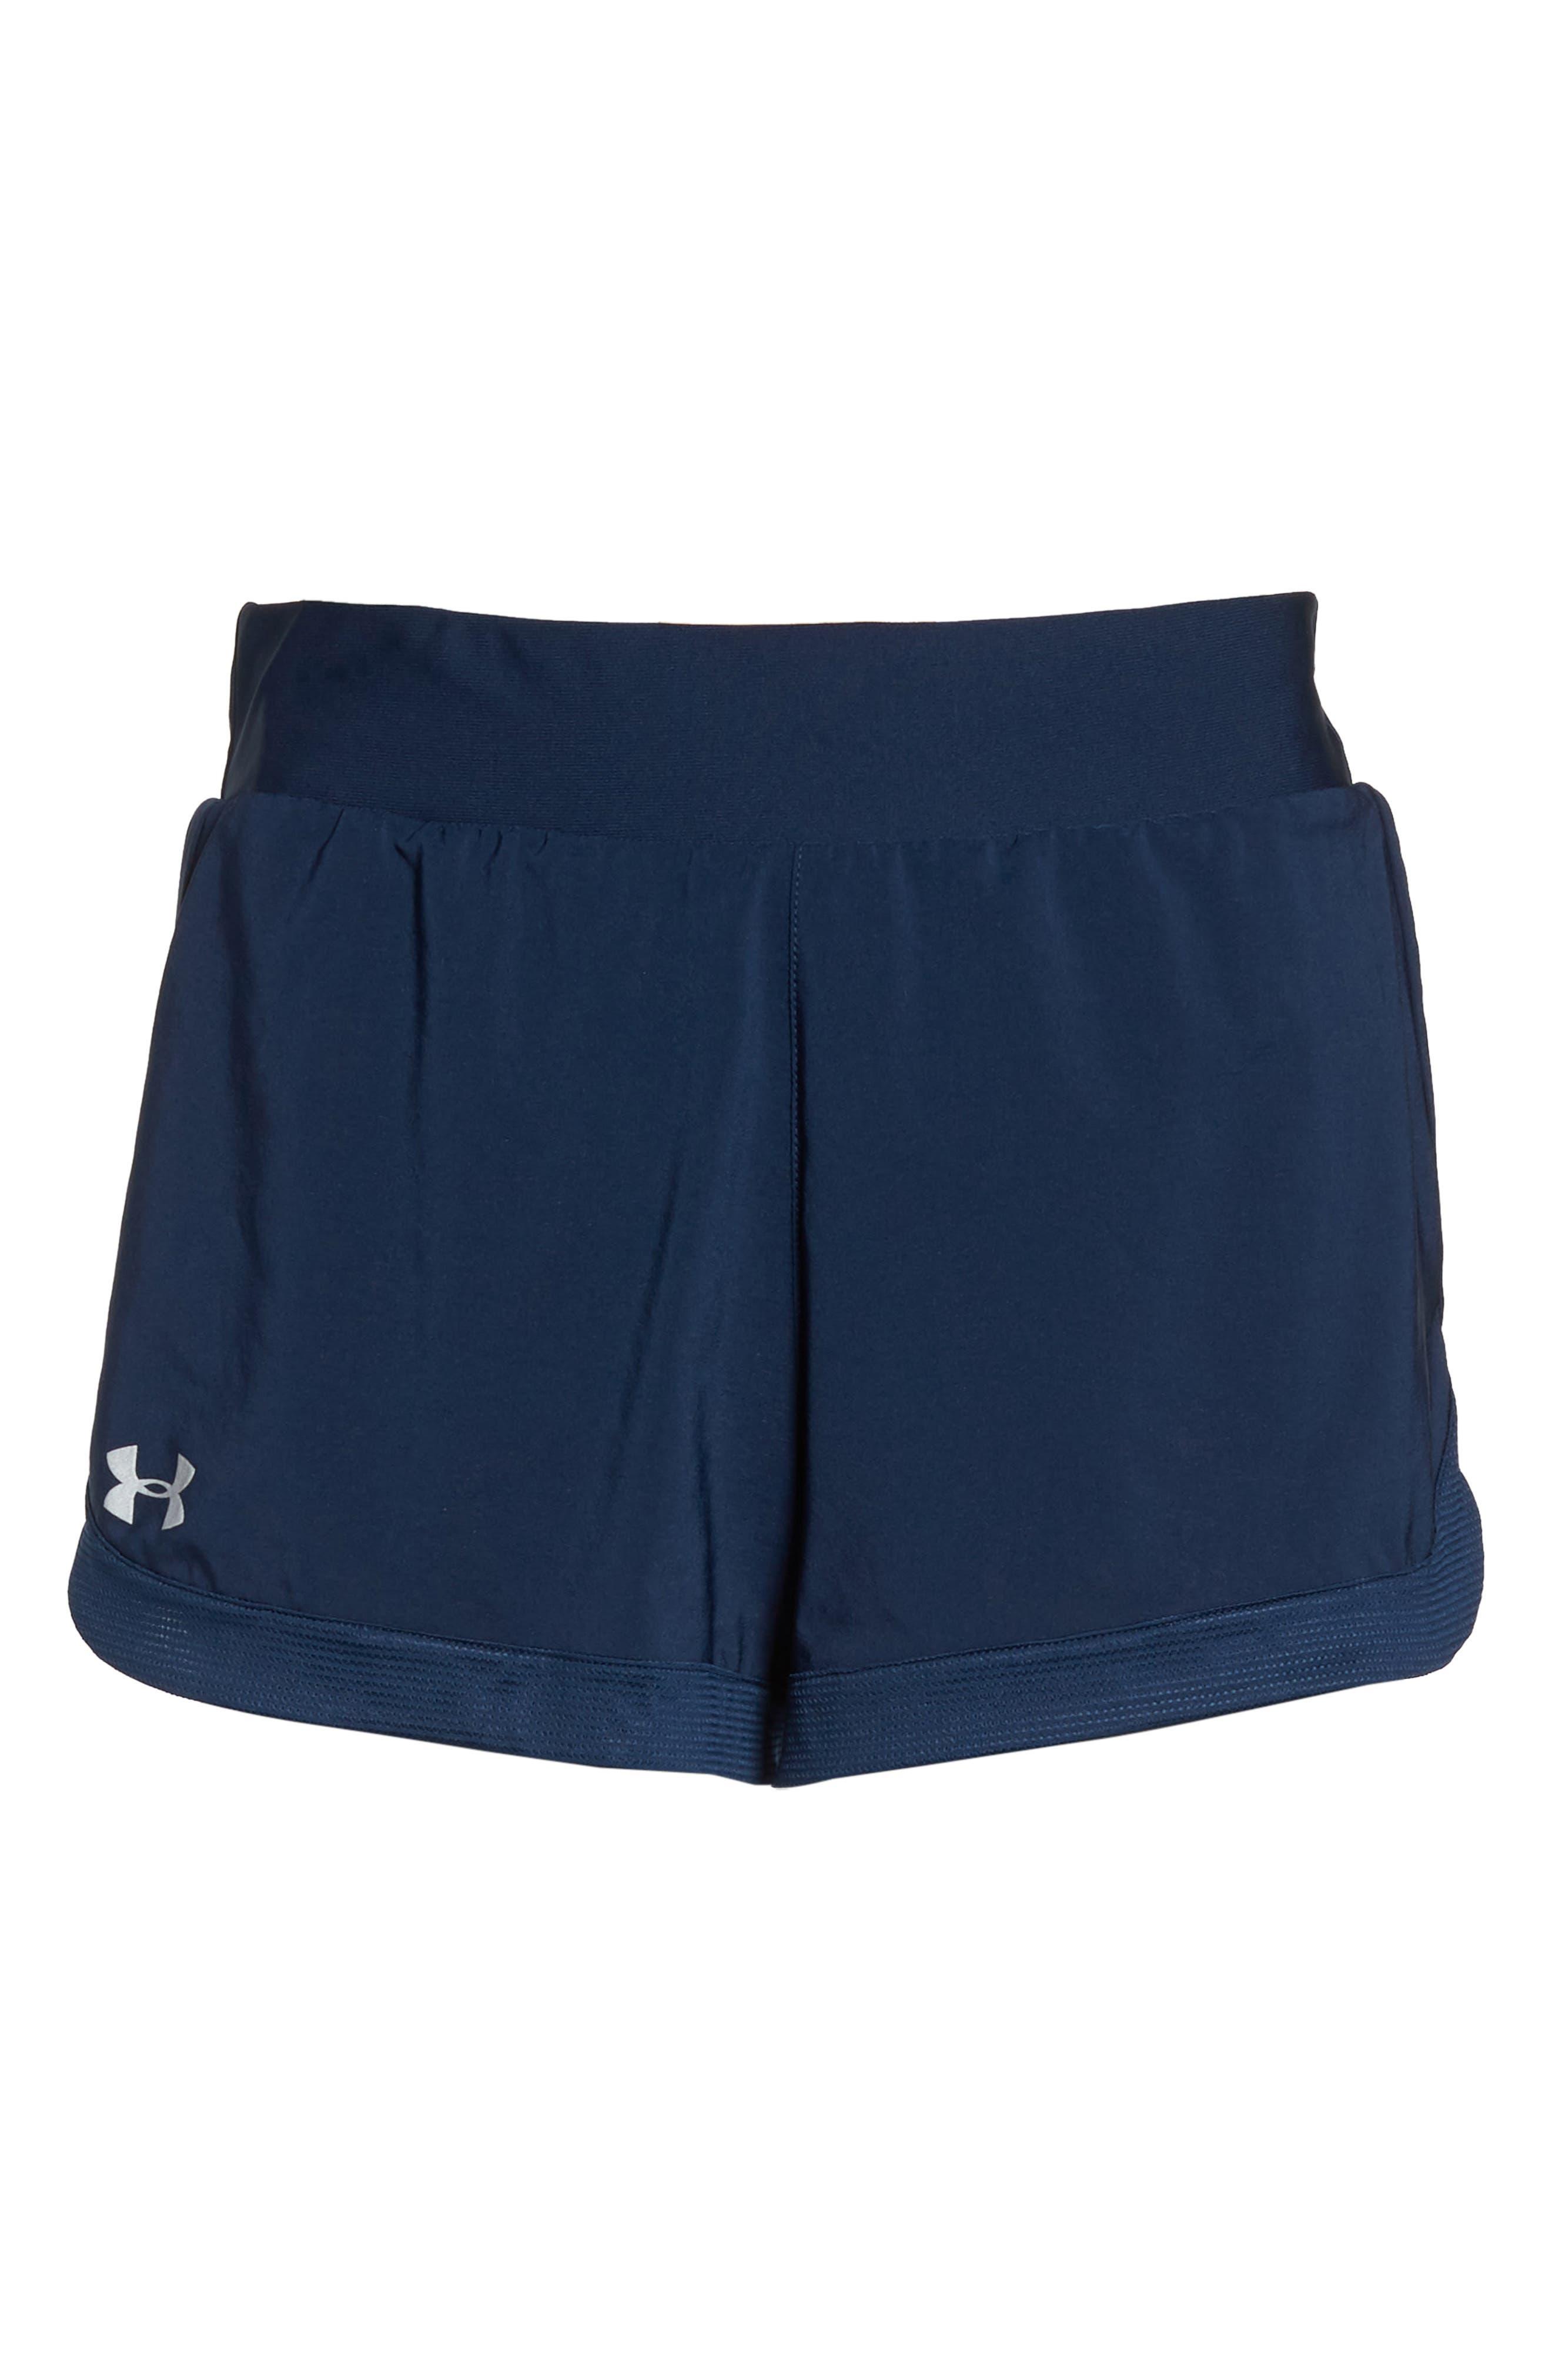 Speedpocket Shorts,                             Alternate thumbnail 7, color,                             ACADEMY